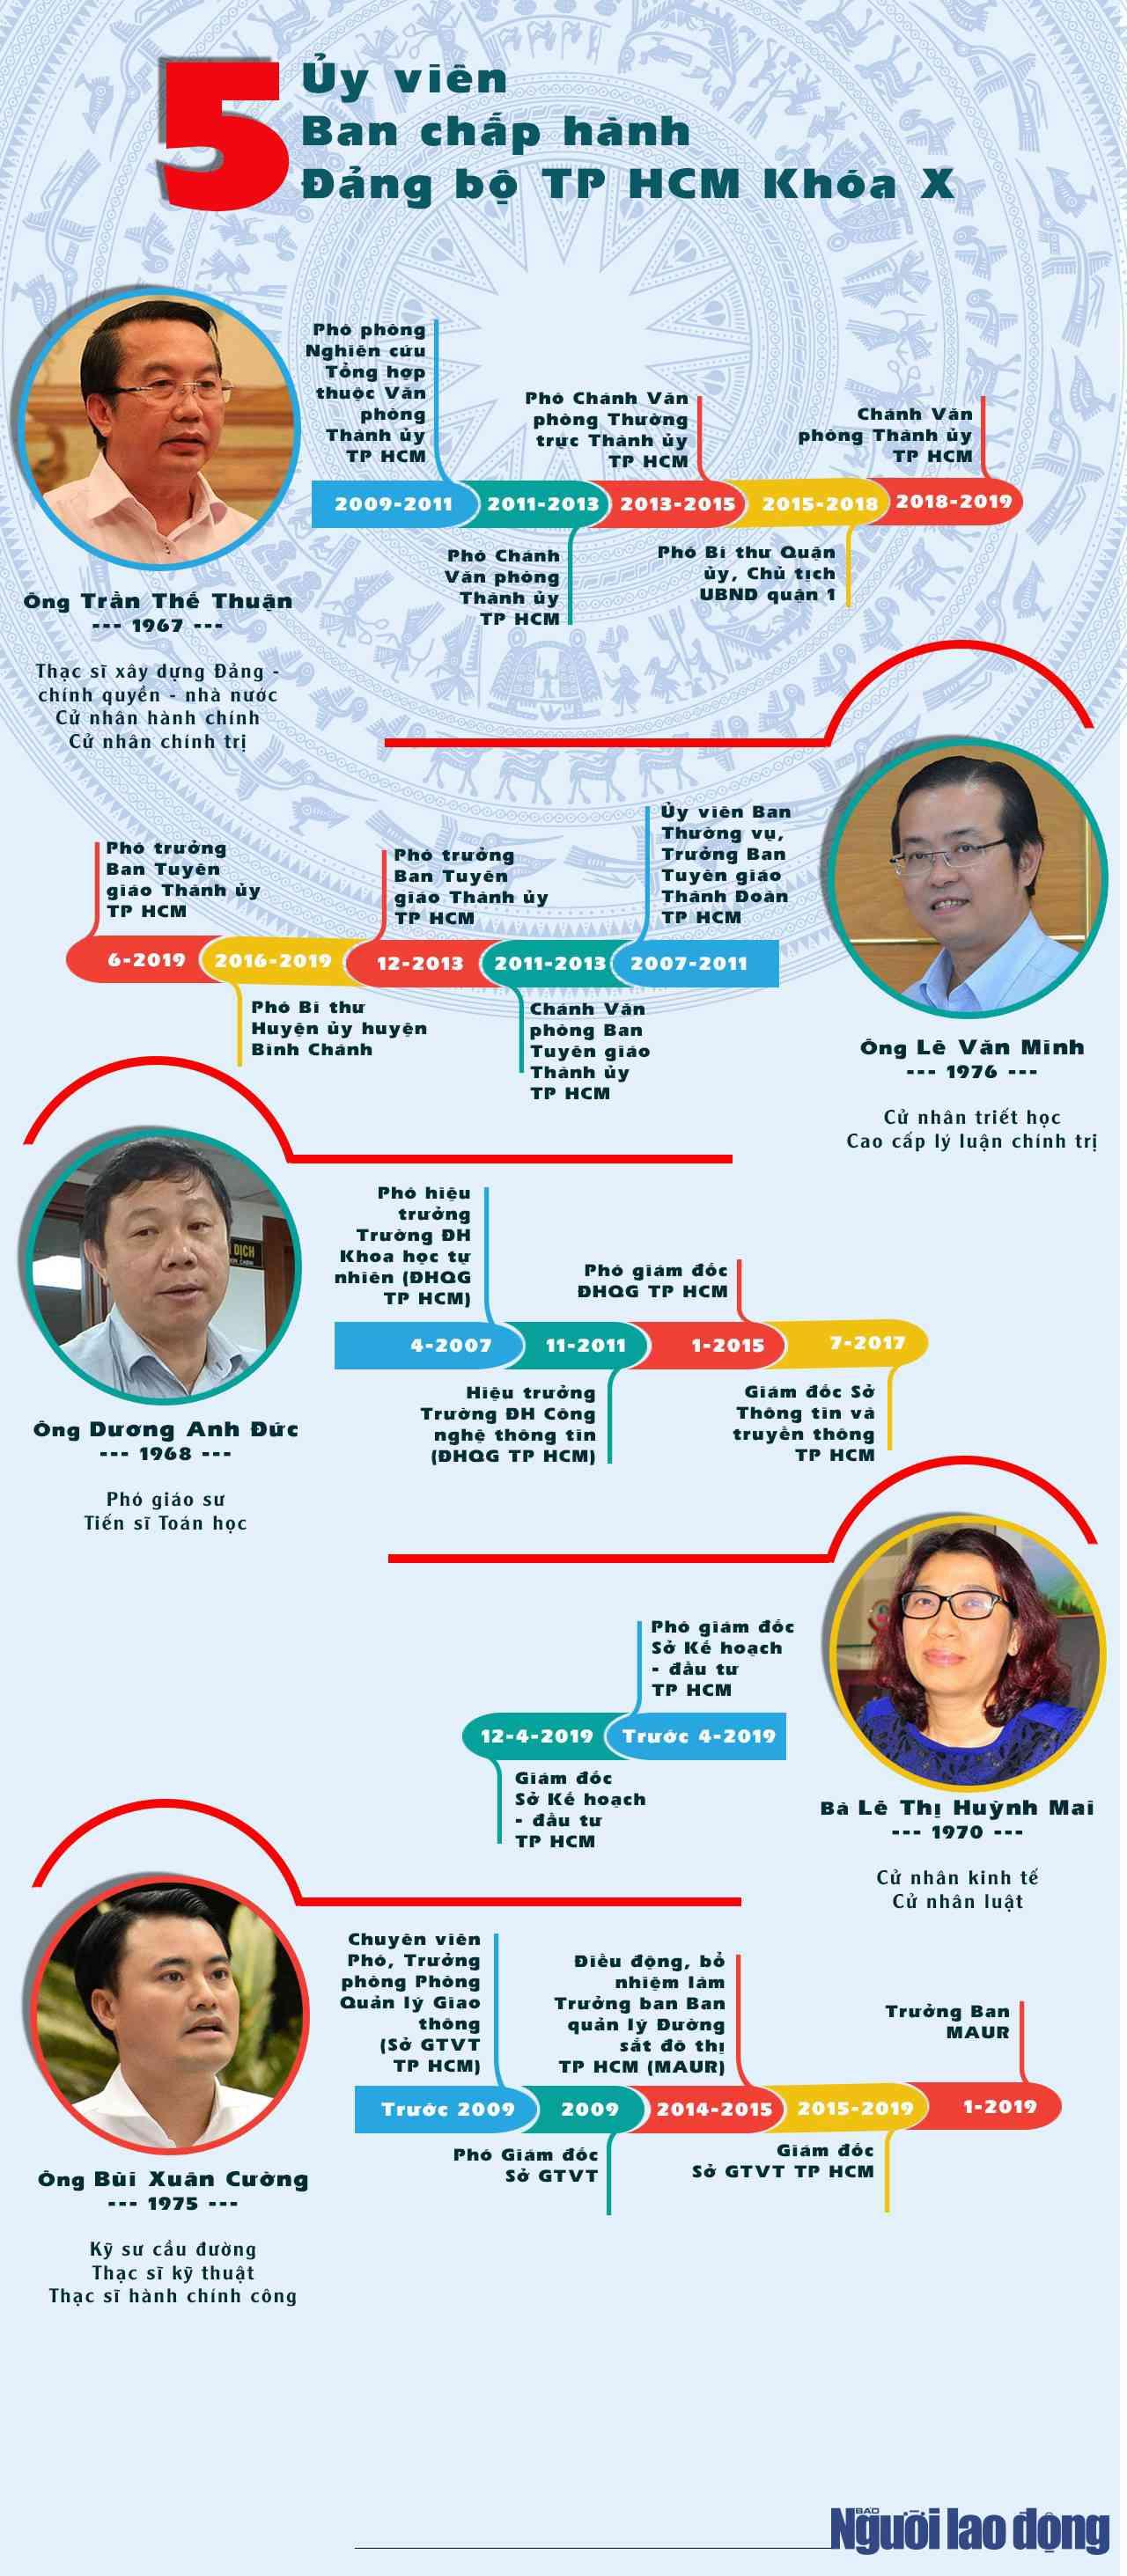 [Infographic] Chân dung 5 ủy viên BCH Đảng bộ TP HCM được Ban Bí thư chỉ định bổ sung - 1